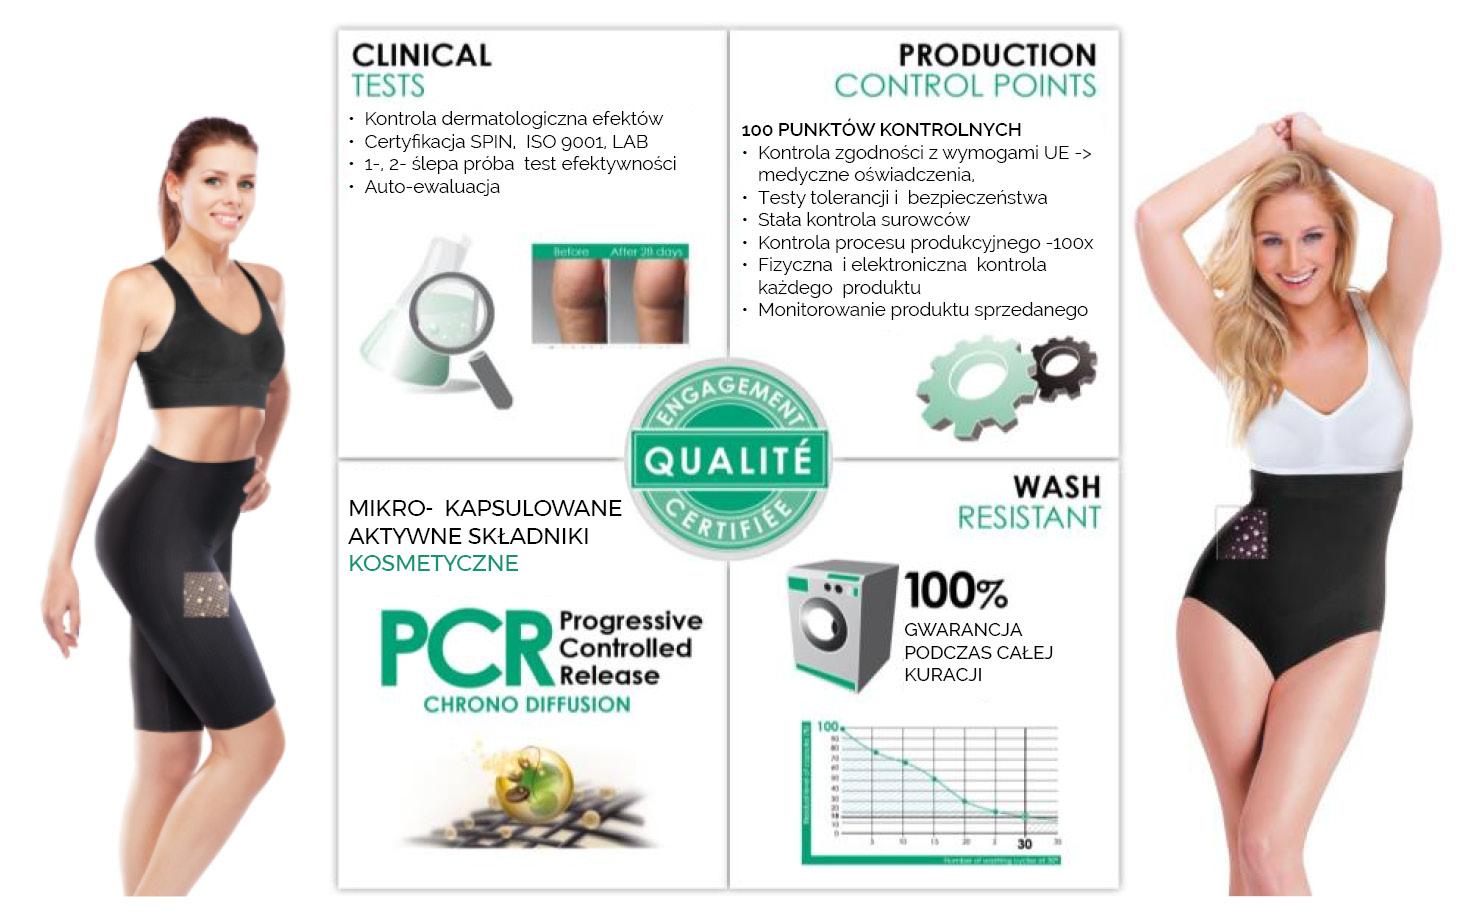 Gwarancja PCR